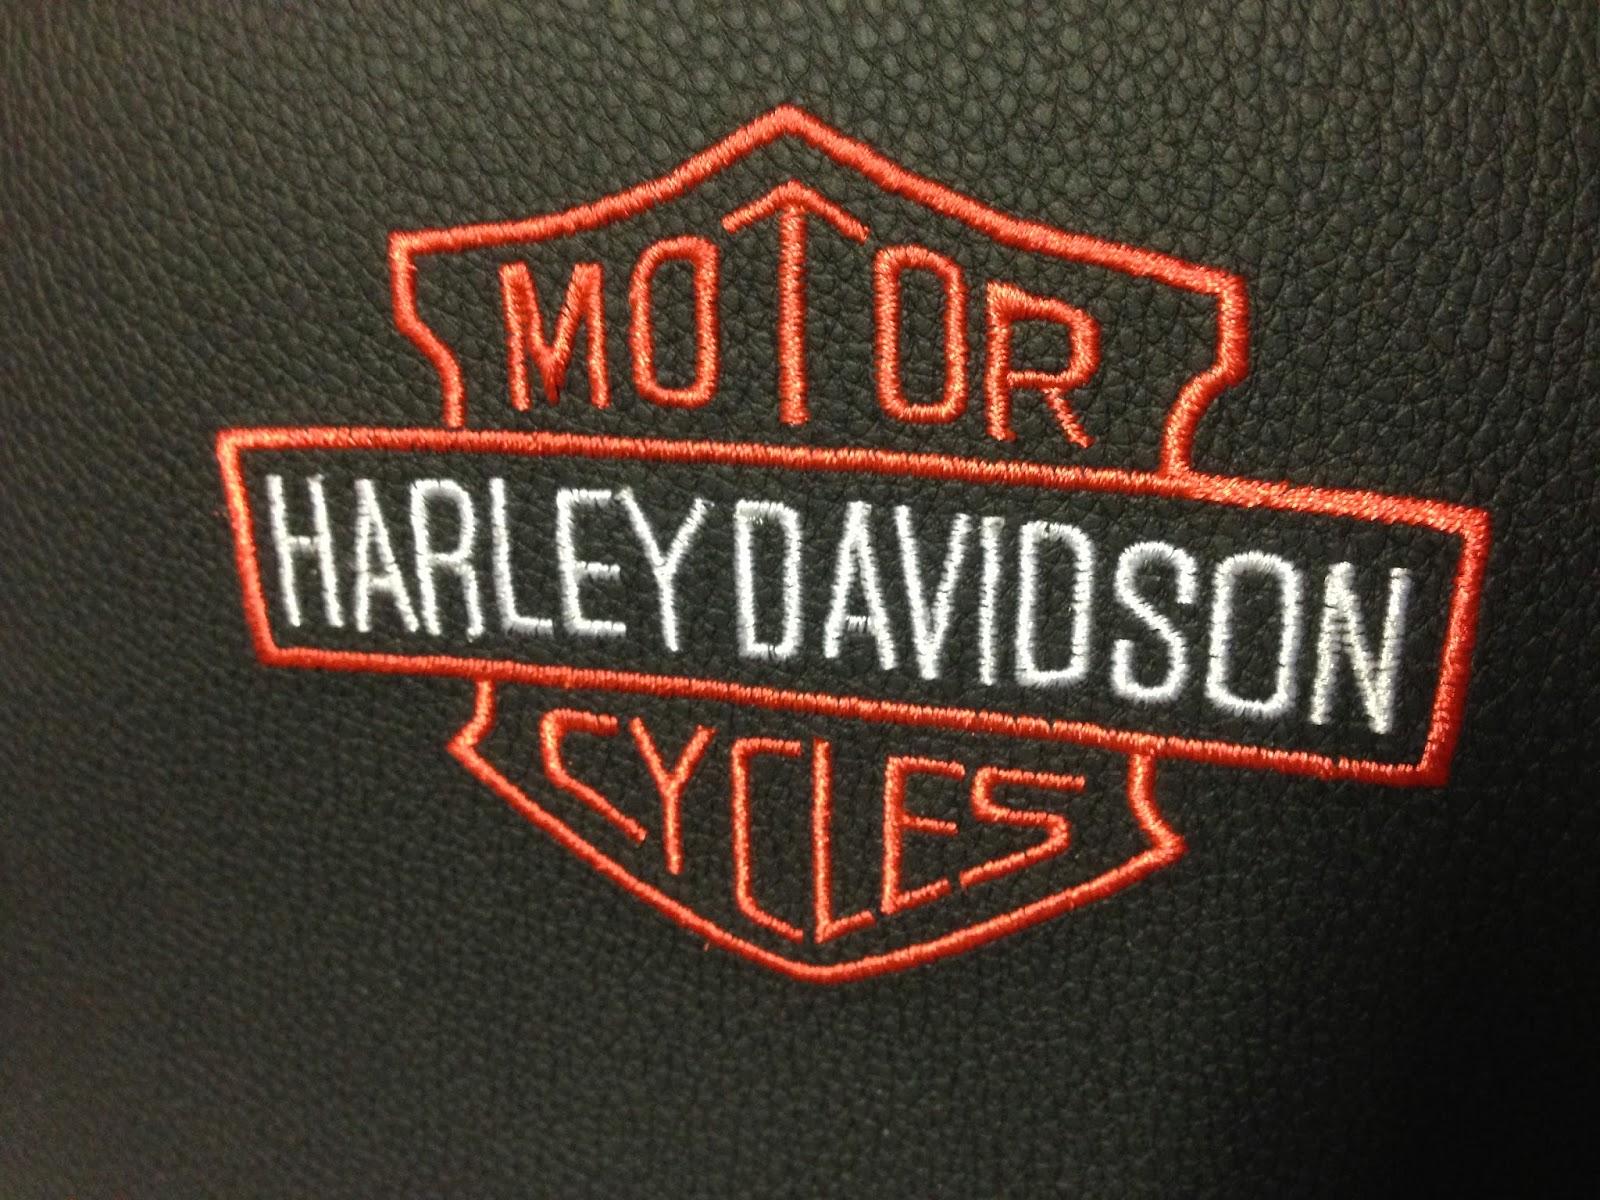 MOTOBIKE-COTTBUS: Wir veredeln eure Motorradsitze und Motorradsitzbänke.